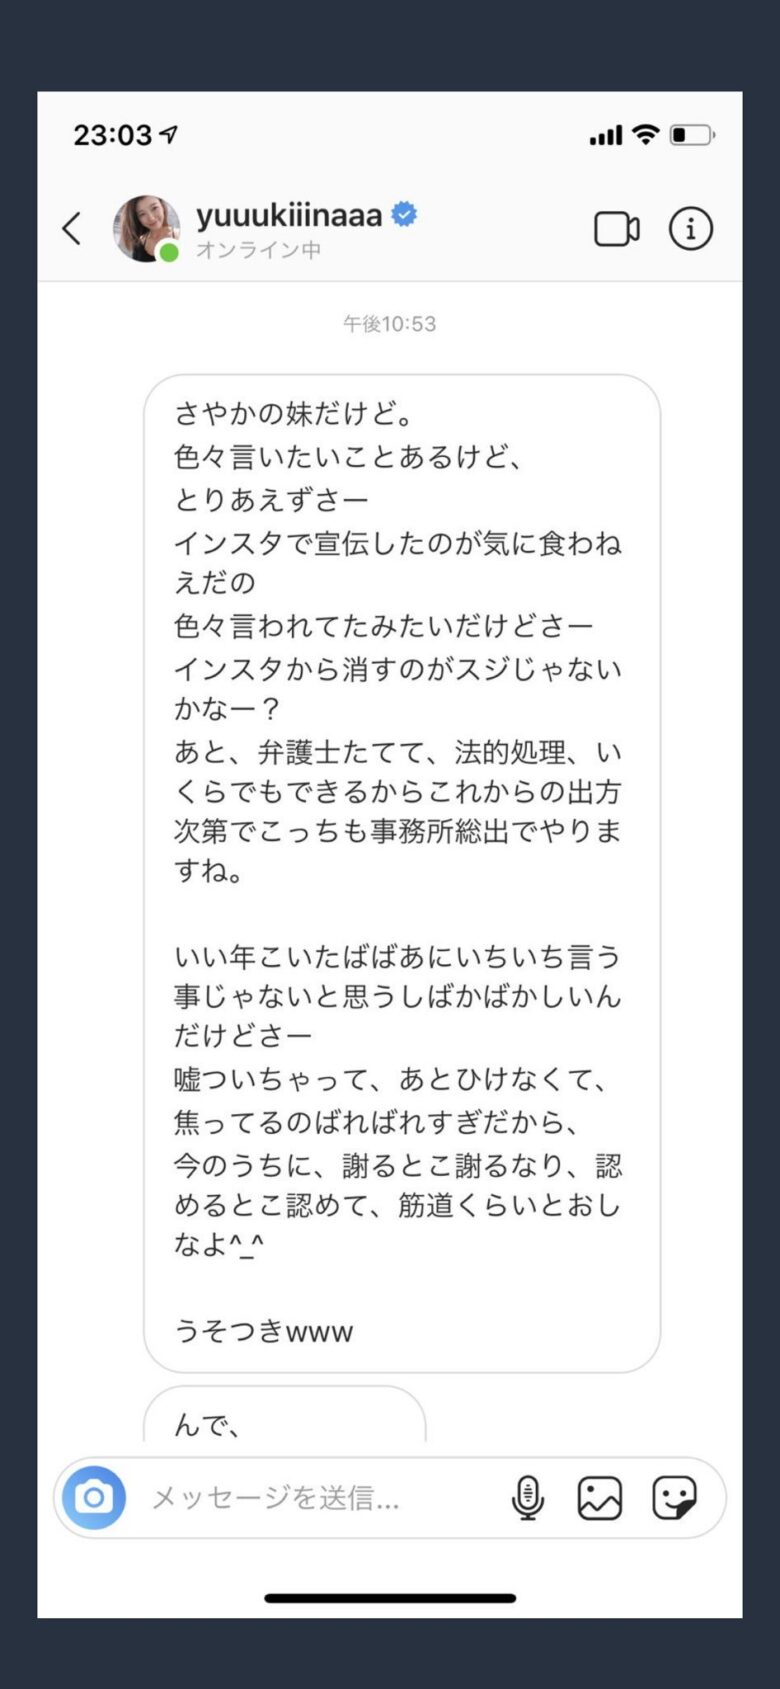 優樹 タピオカ 木下 菜 インスタ